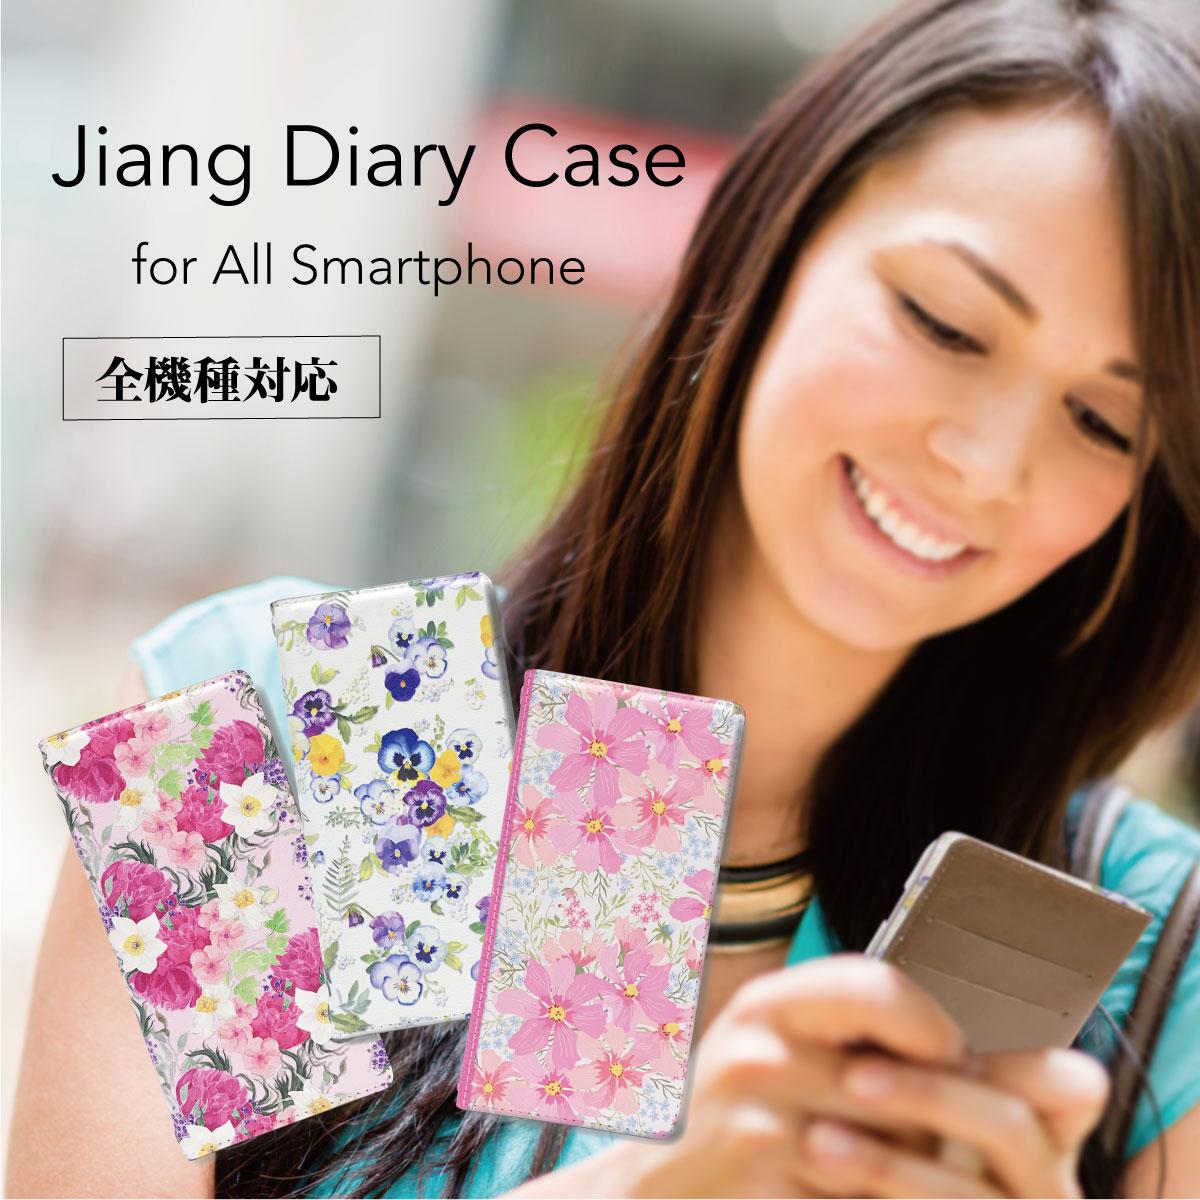 スマホケース 手帳型 全機種対応 手帳 ケース カバー ベルトなし iPhoneX iPhone8 iphoneX ケース iPhone7 iPhone6s Plus iPhone SE Xperia XZ2 SO-05K SO-03K XZ1 SO-01K XZs SO-03J aquos R2 sh-04k R sh-03k shv39 arrows galaxy S9 S8 花柄 jiang-ds703